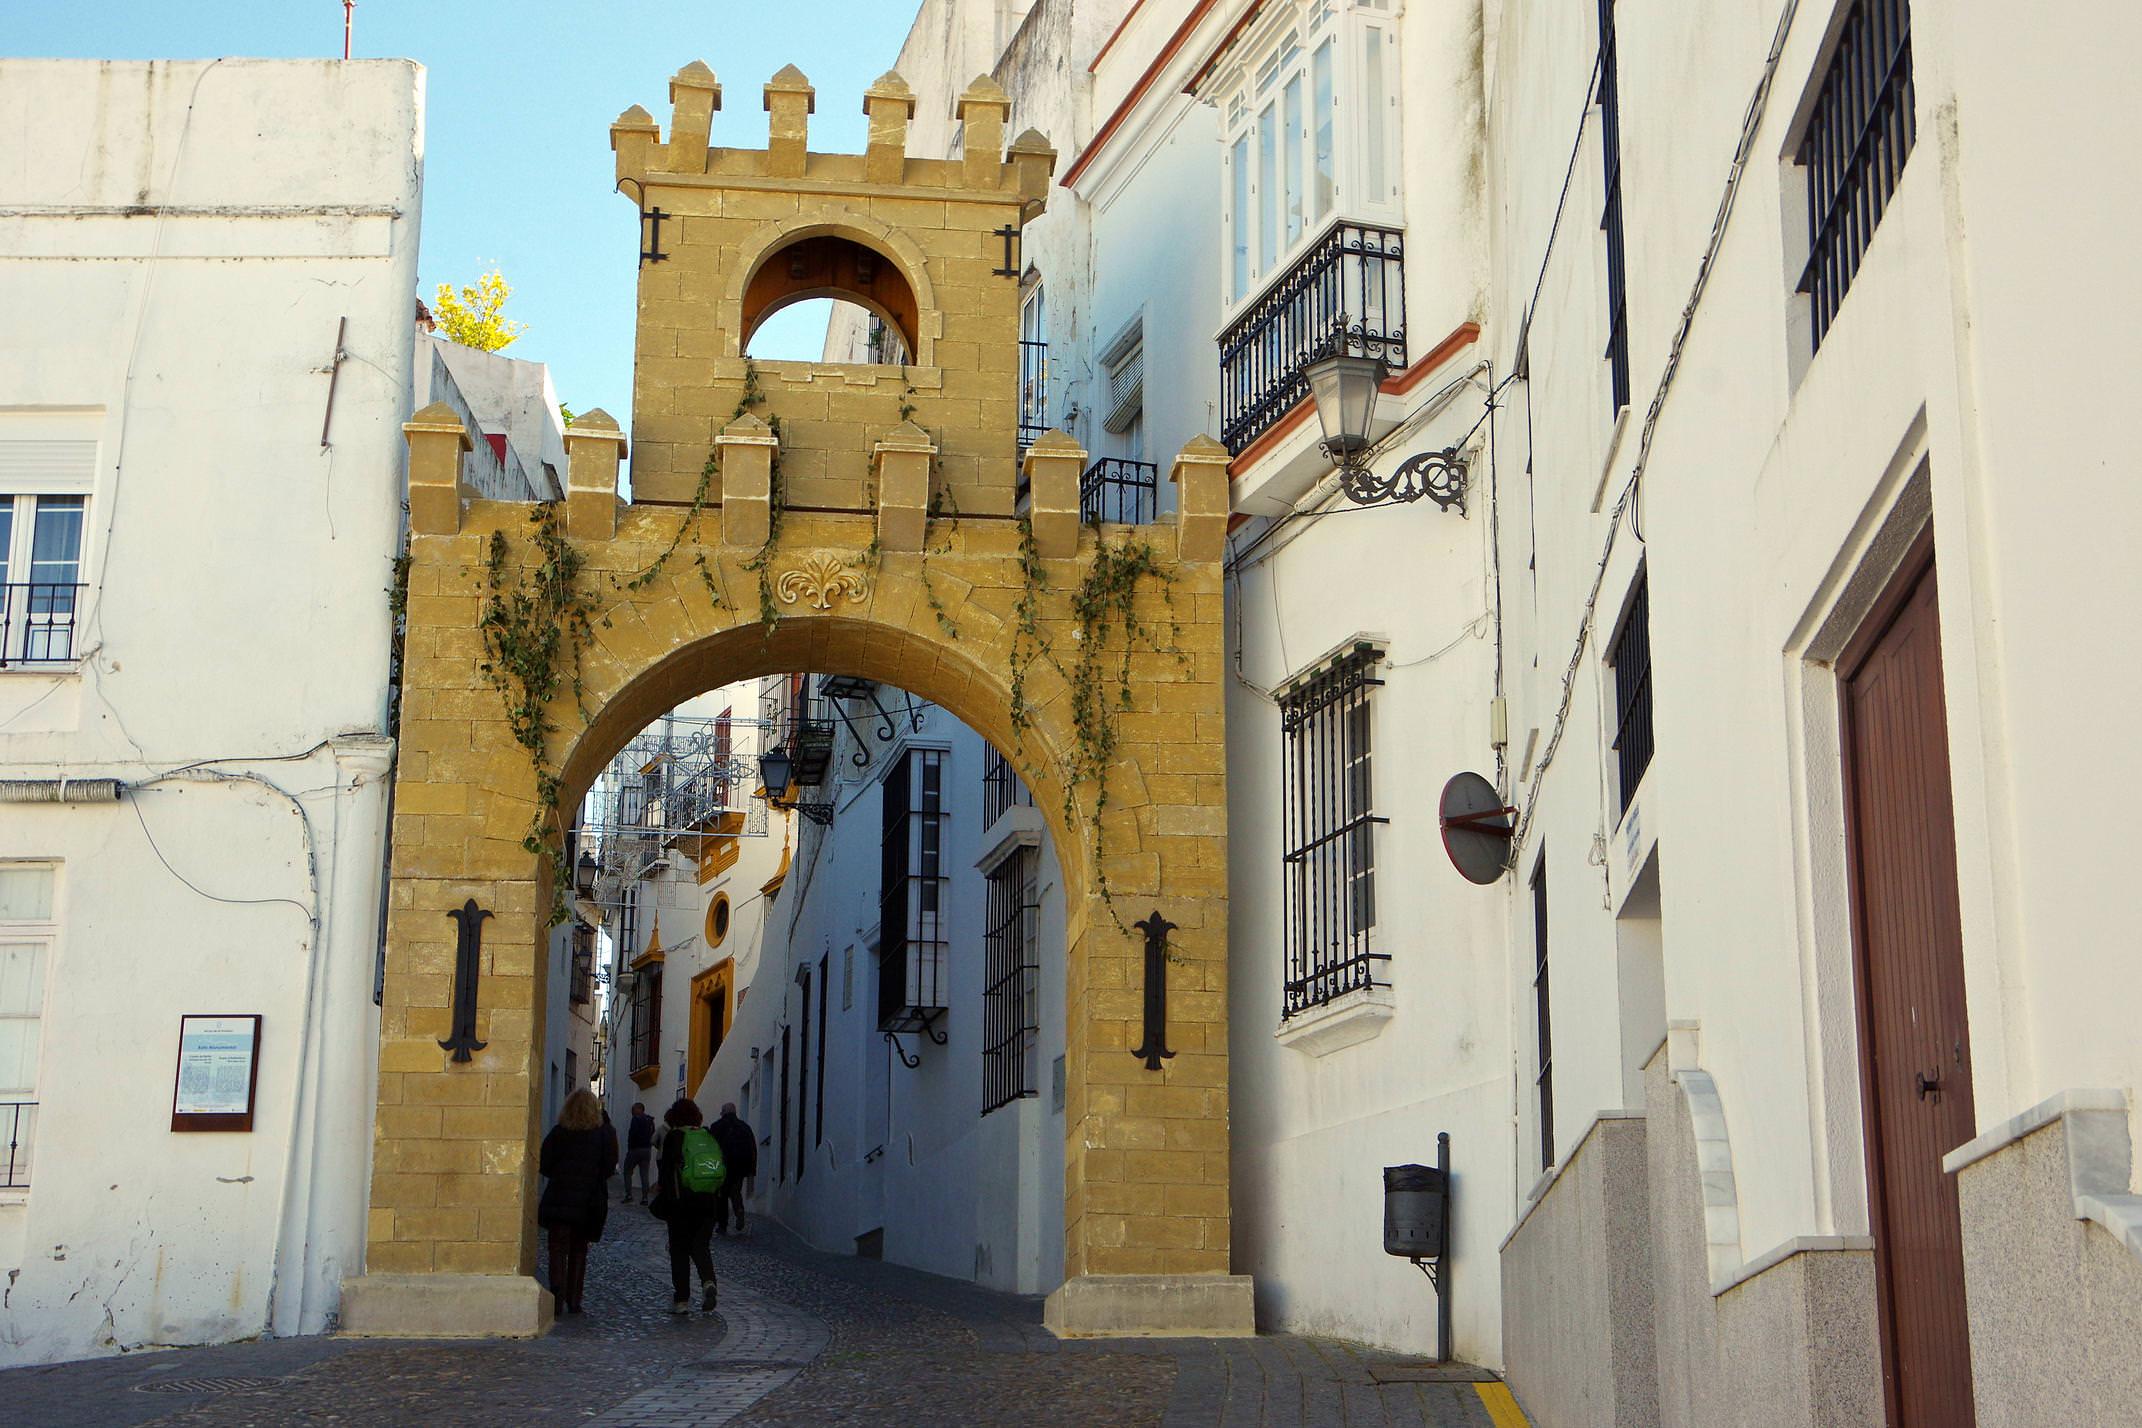 Spain andalucia arcos de la frontera chris bladon 4